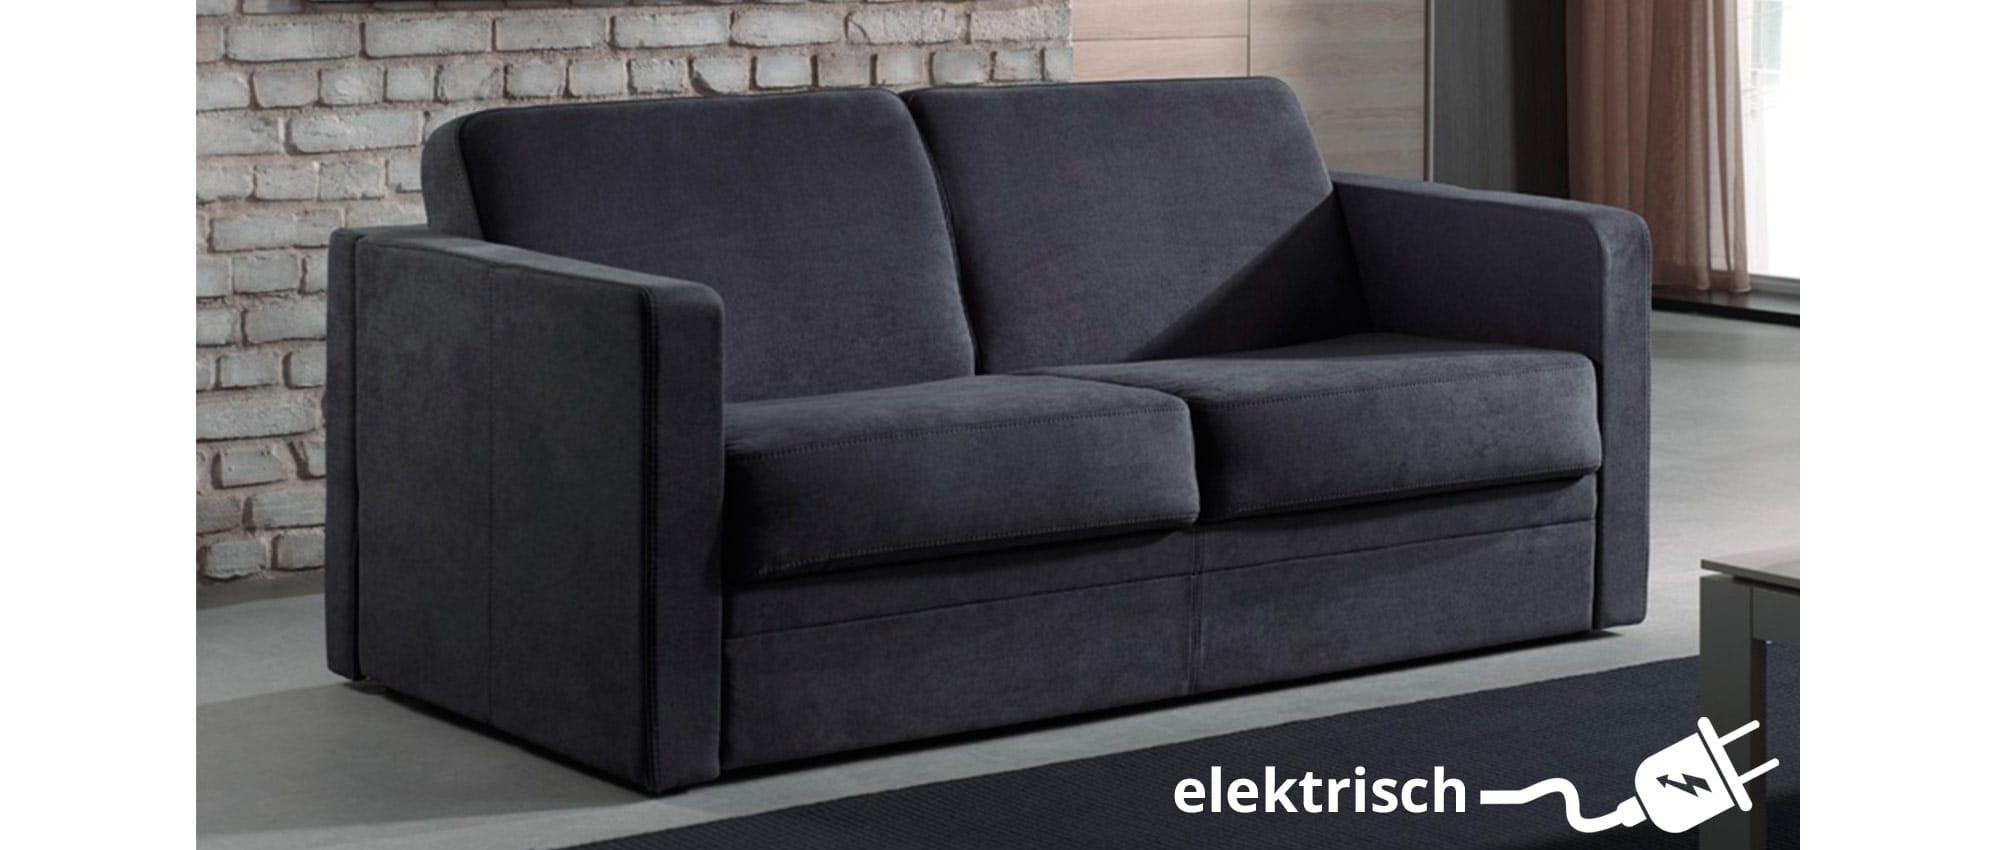 Fabelhaft Elektrisches Sofa Foto Von